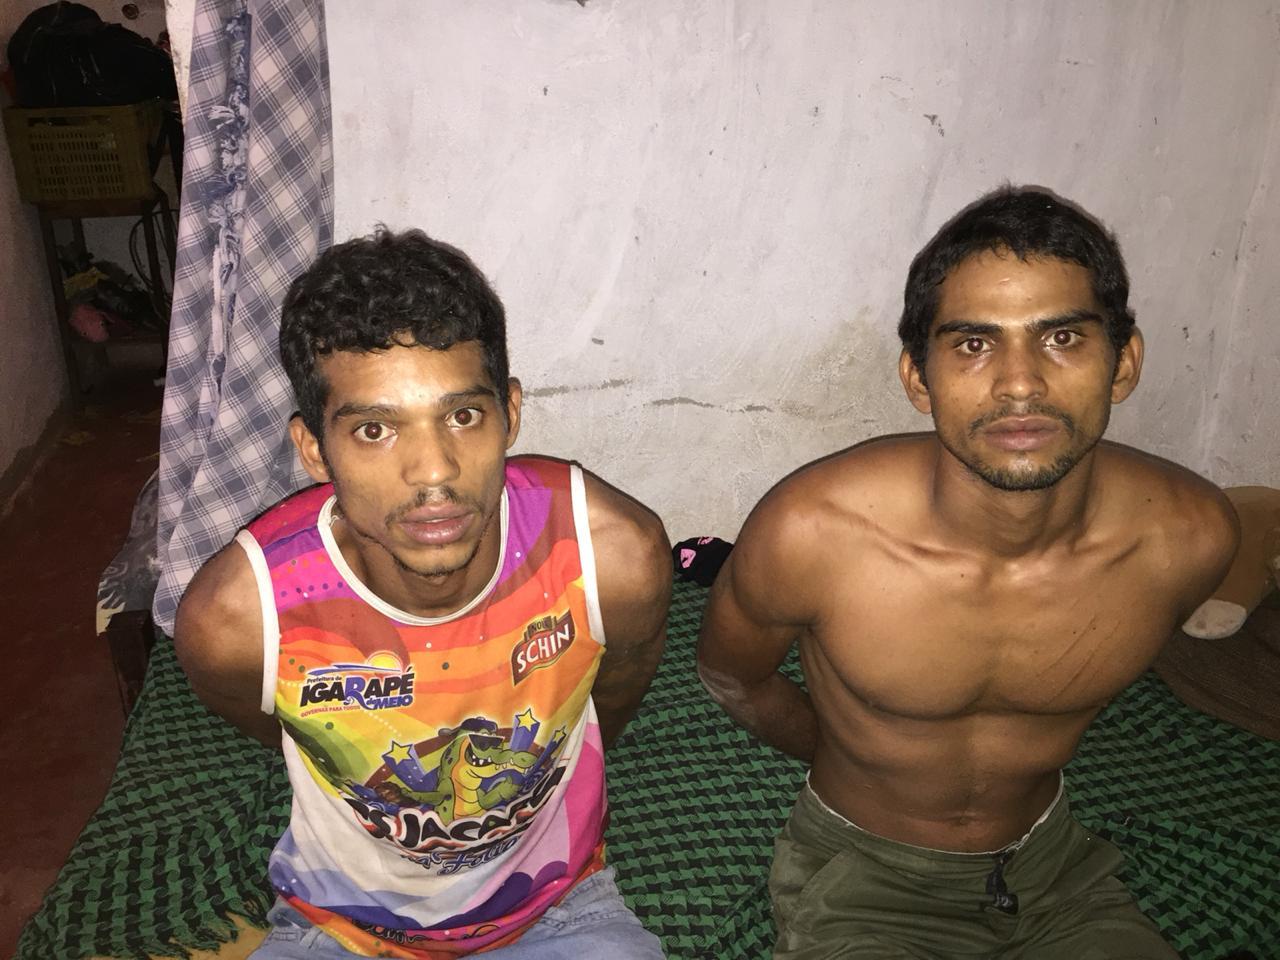 Irmãos acusados de matarem ex-presidiário em Crato-CE foram presos em ação rápida da Polícia um dia após o crime